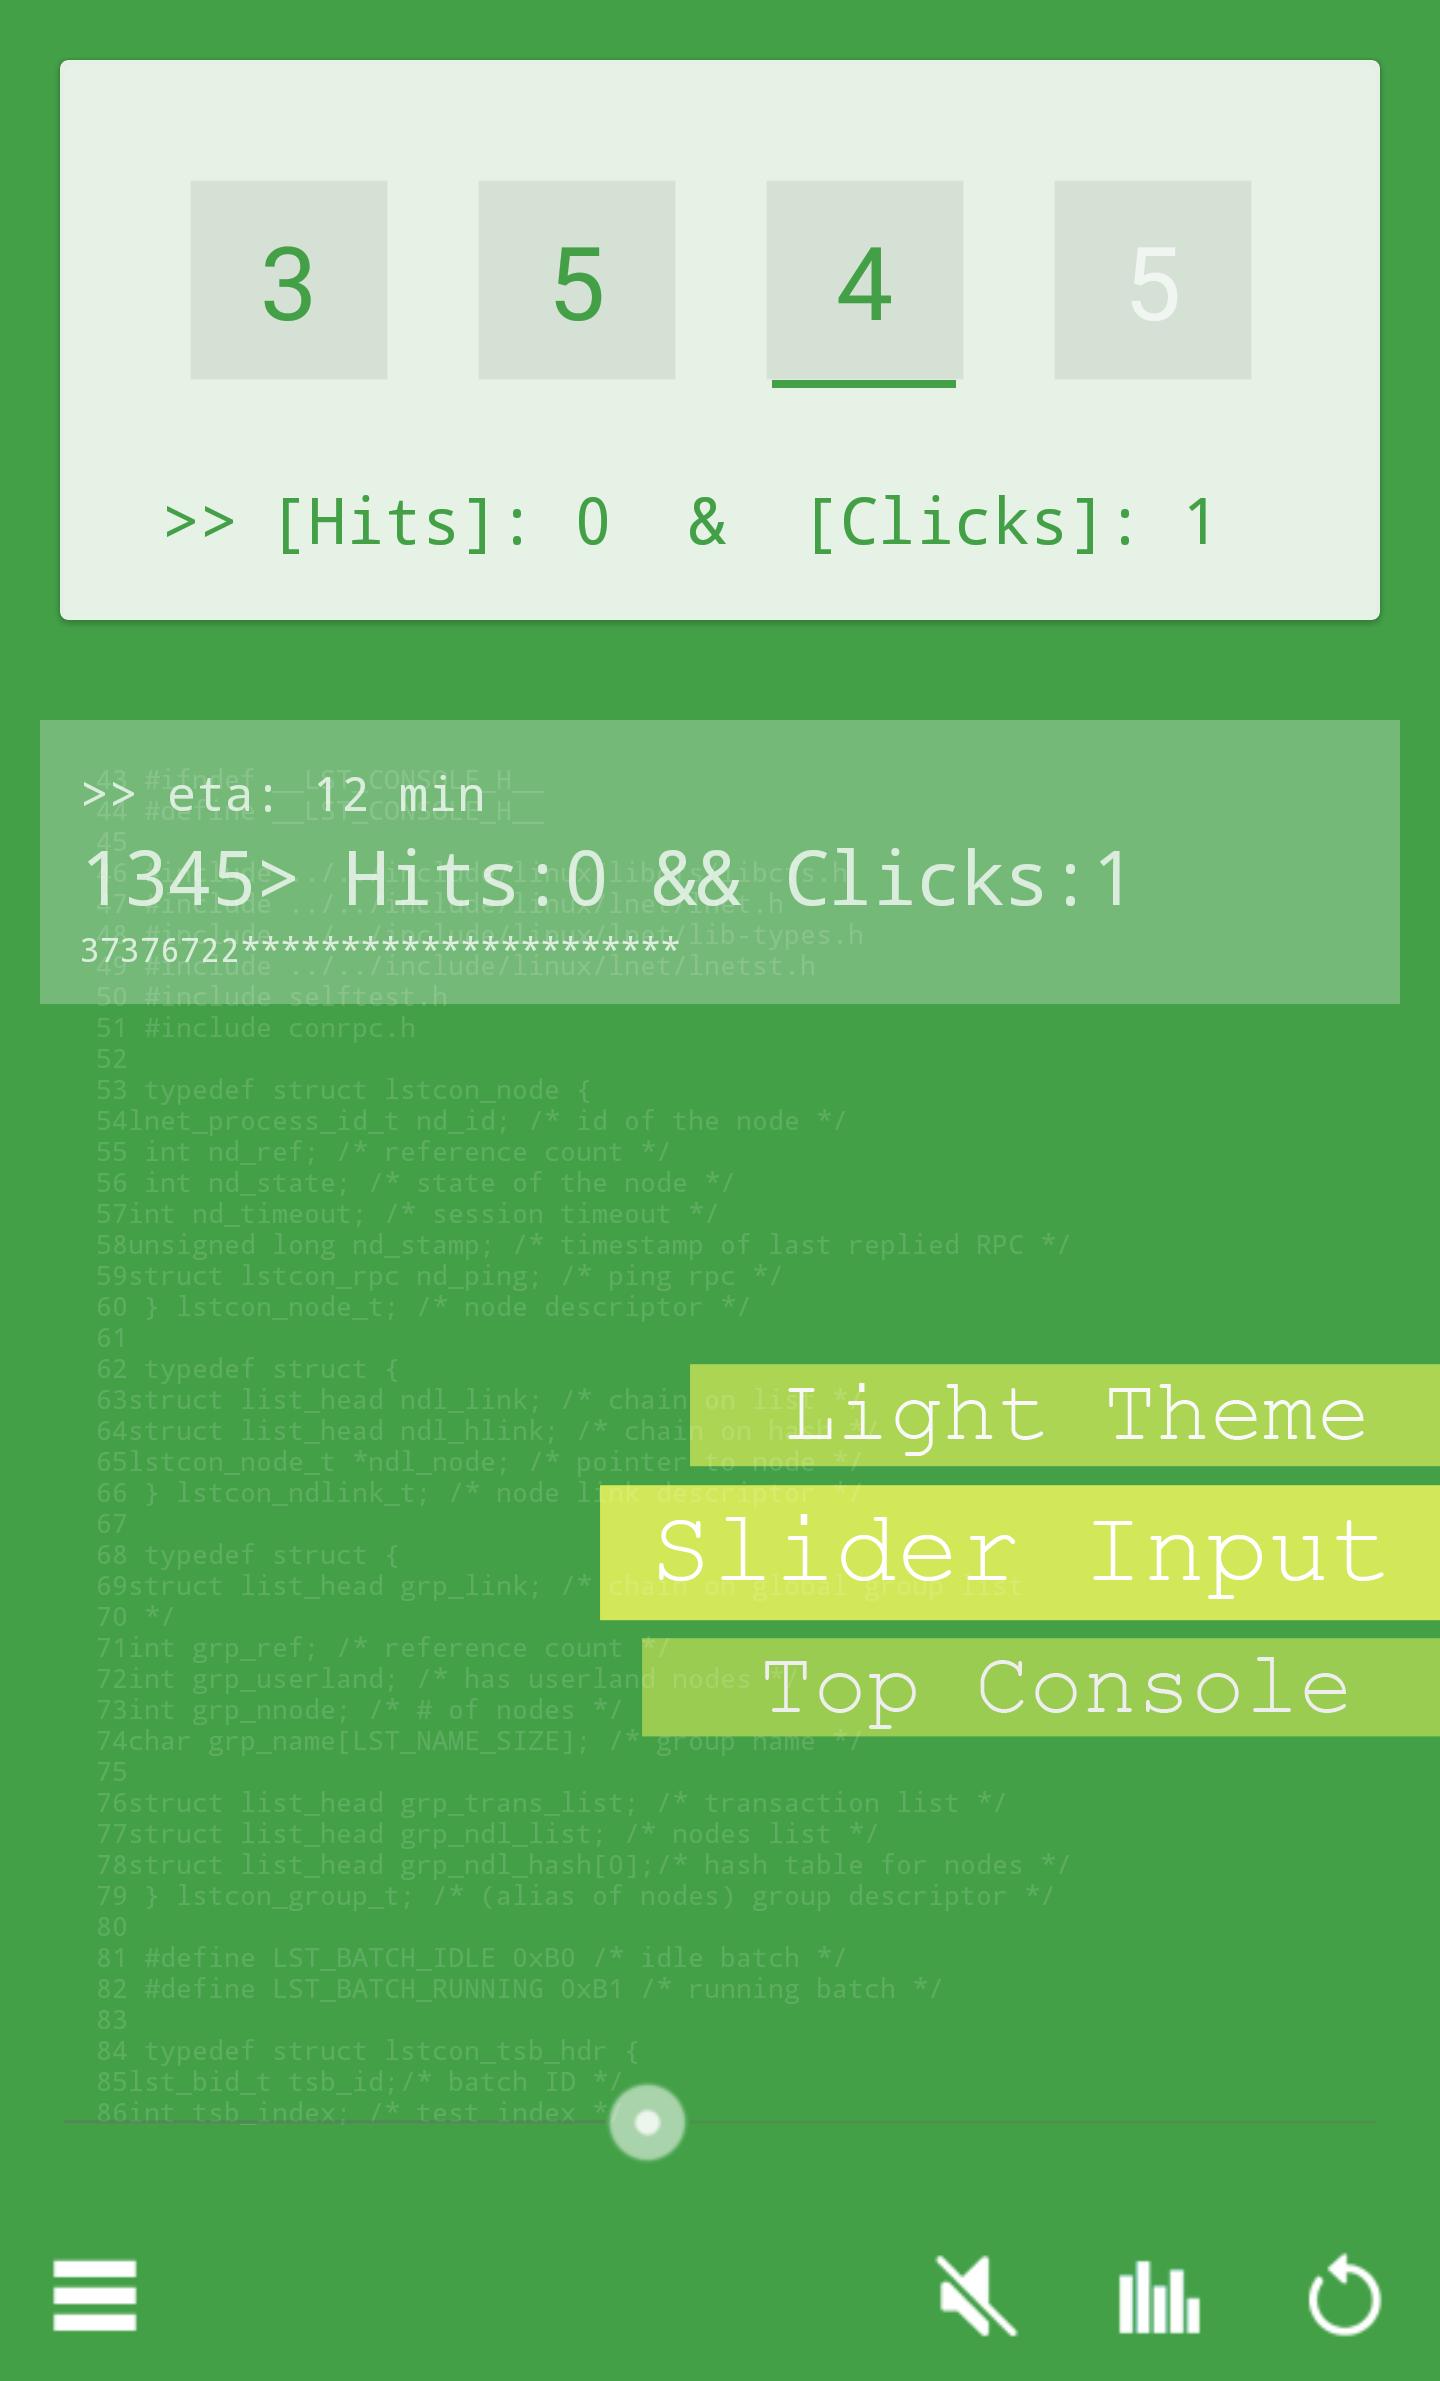 Light Theme: Slider